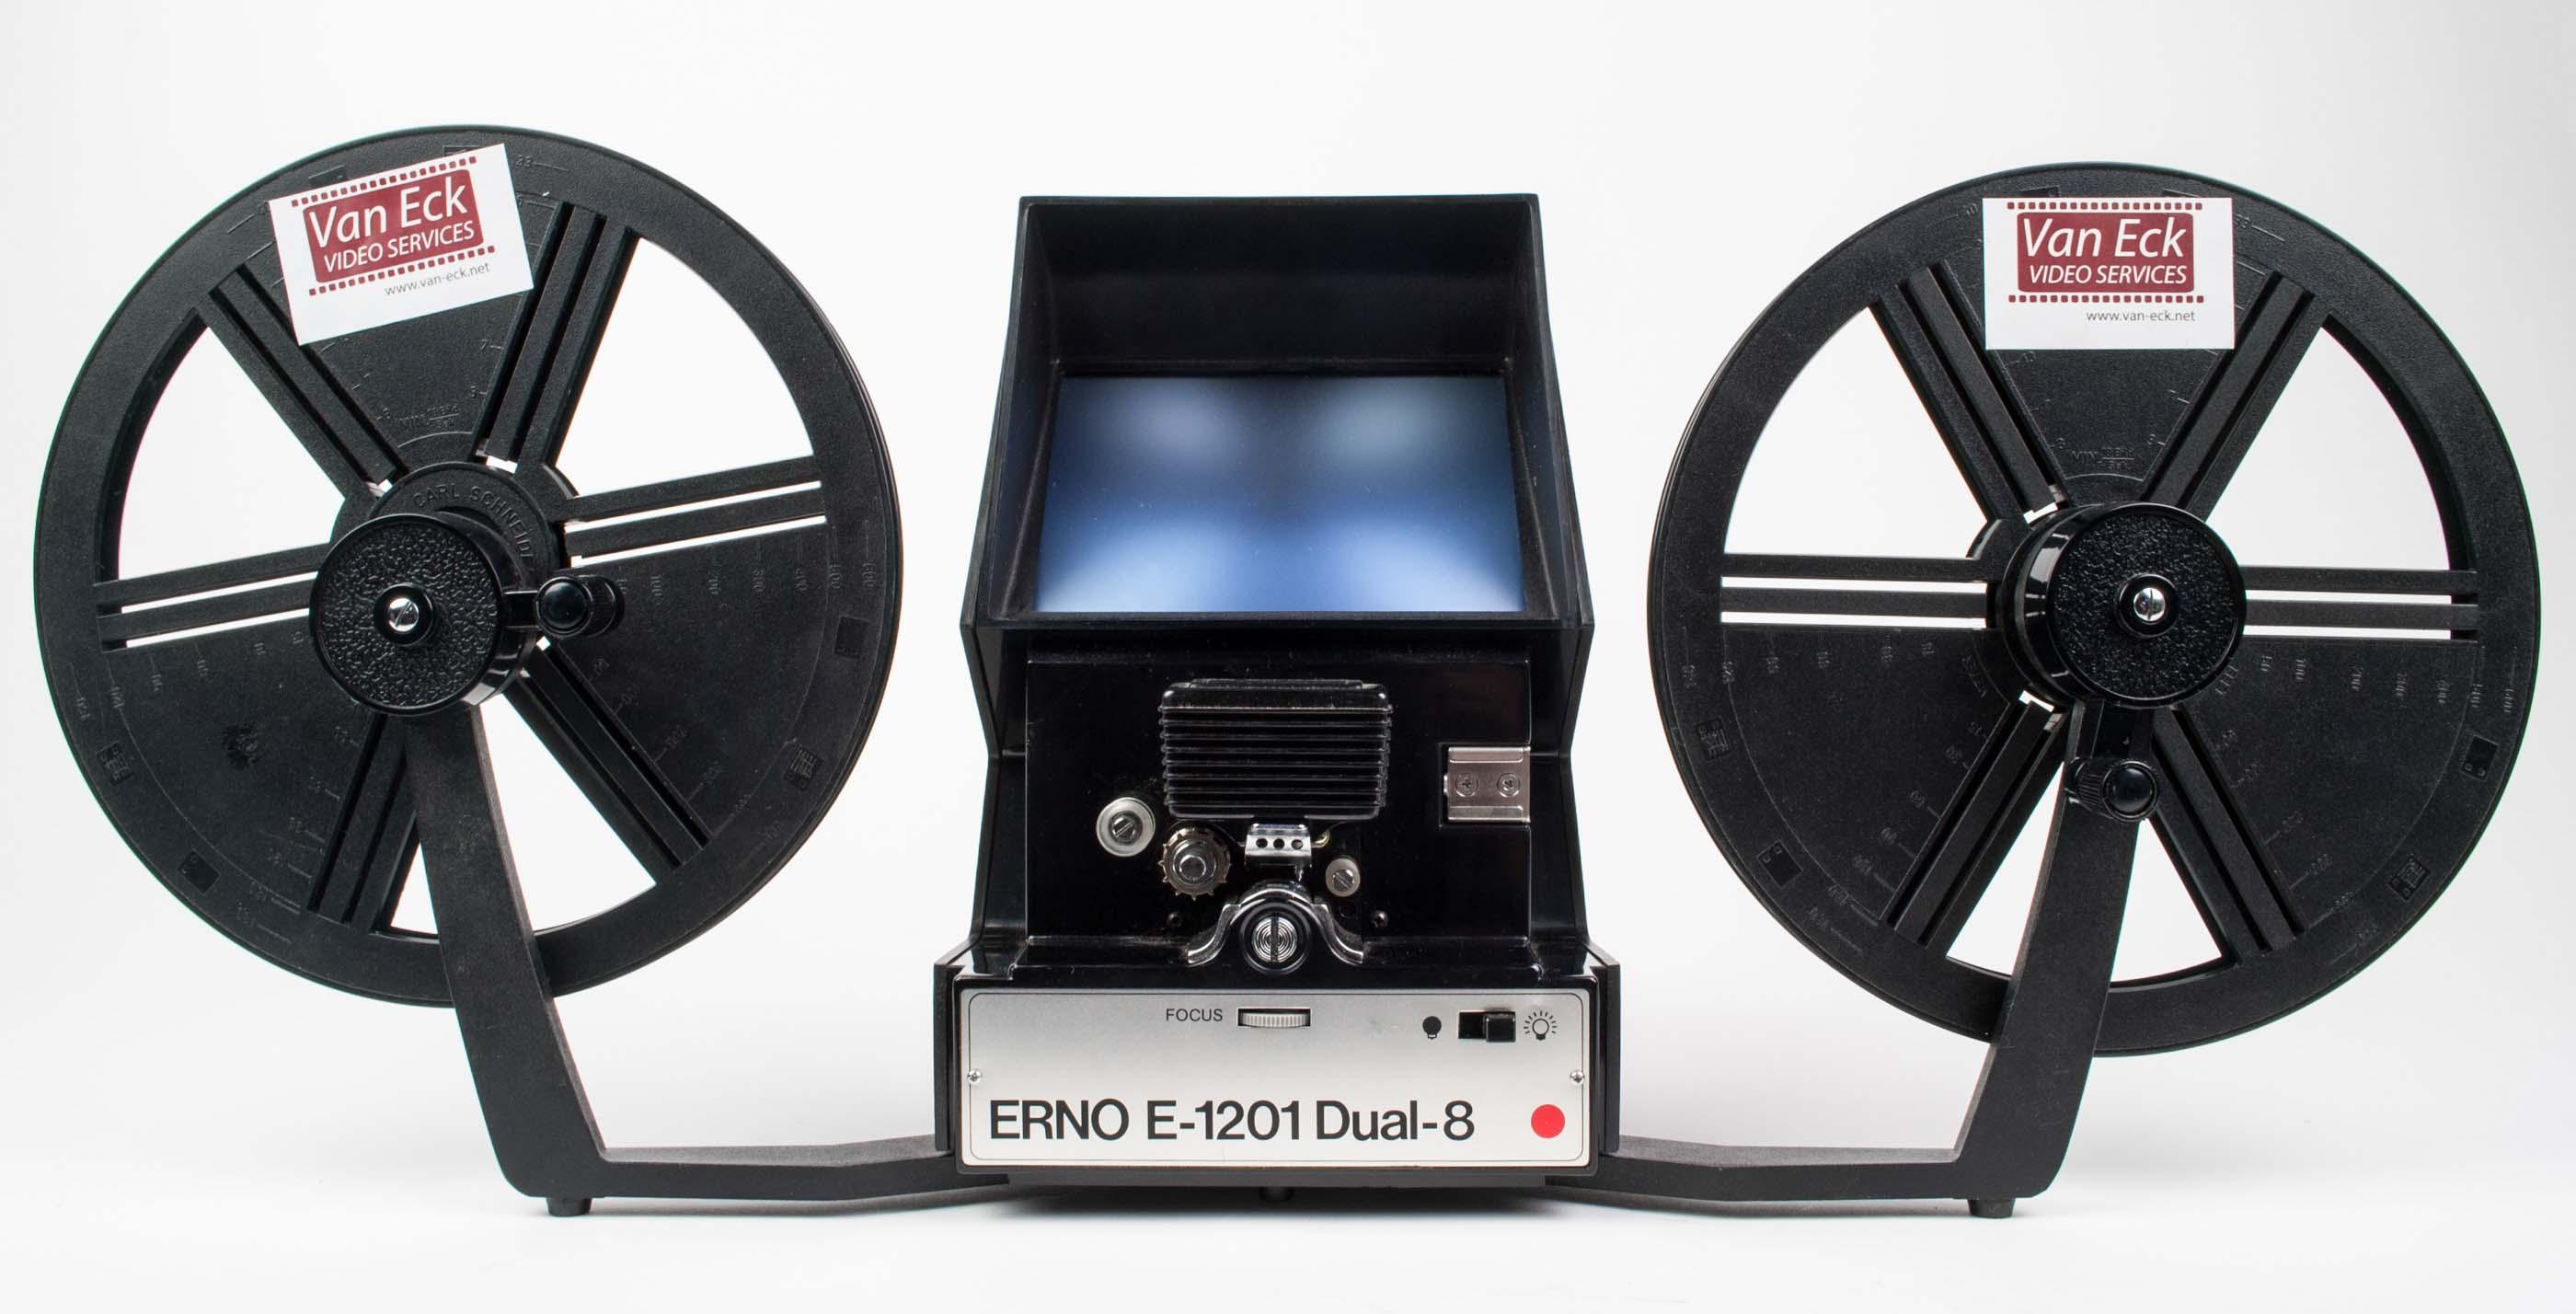 Erno E-1201 Dual8